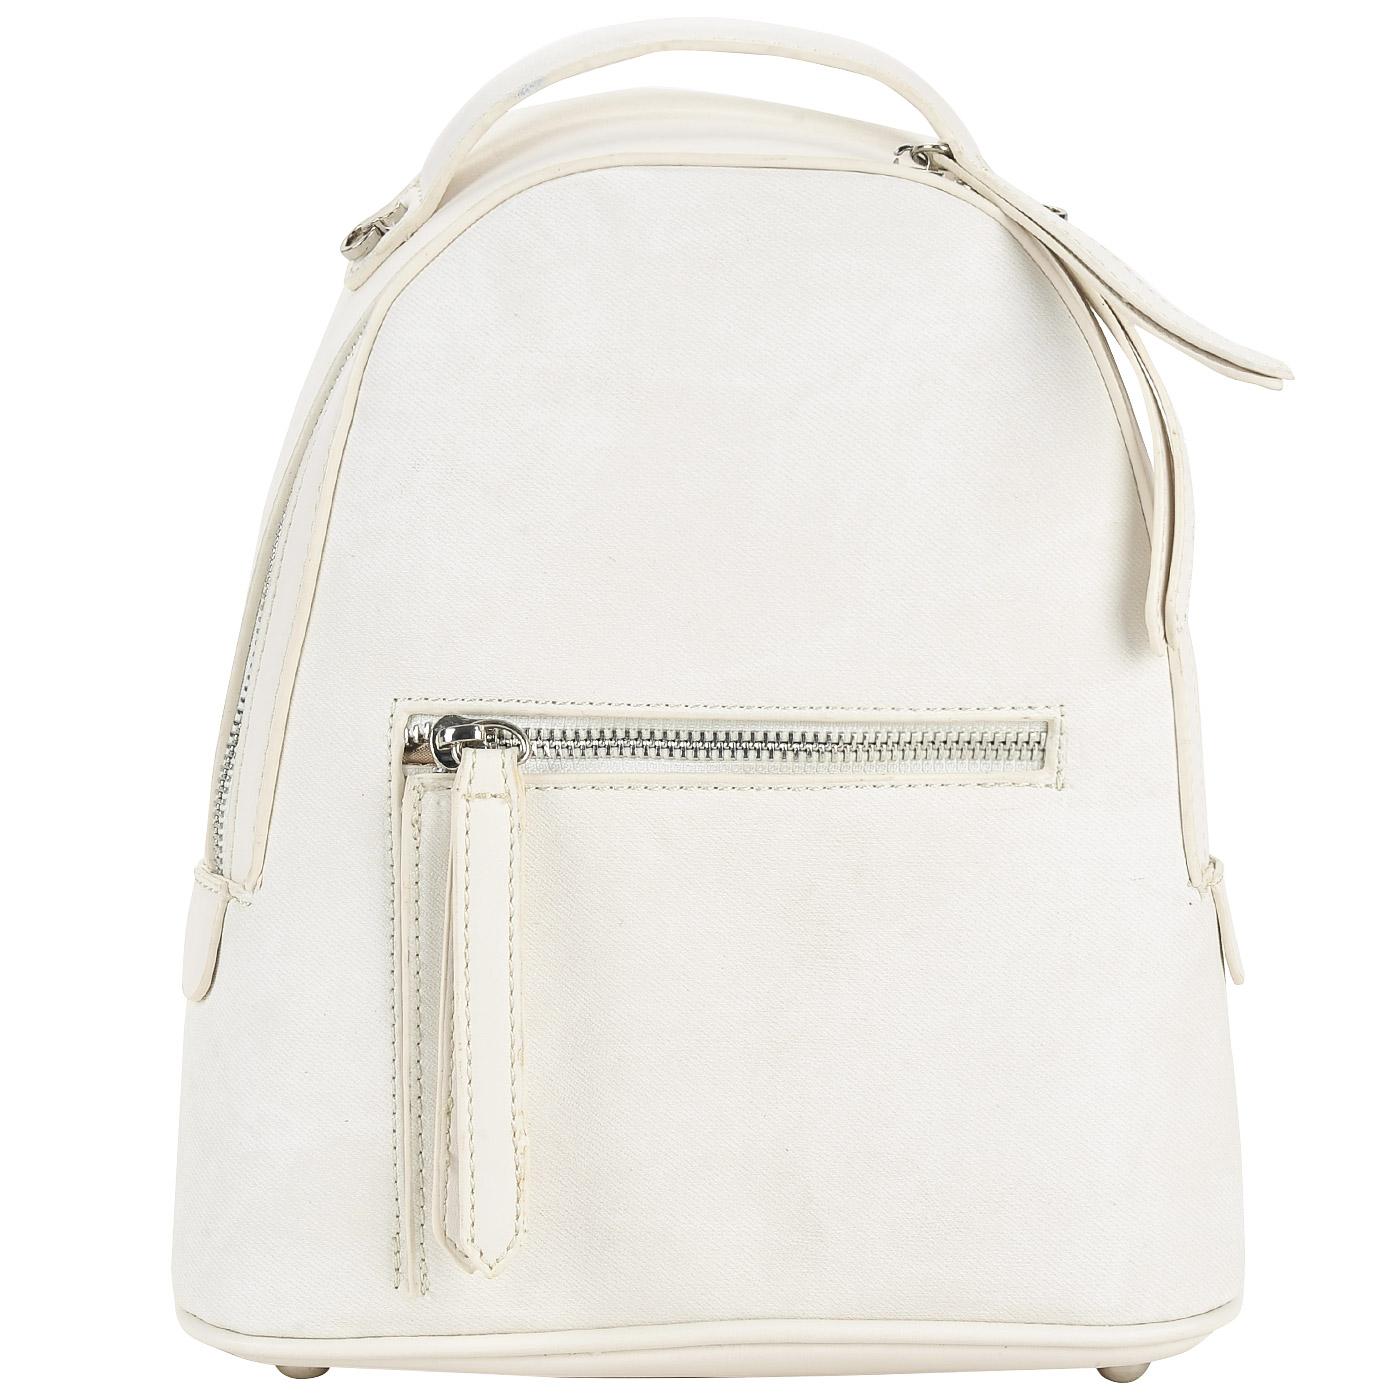 c578844c11ea ... Женский белый рюкзак из экокожи со съемным плечевым ремешком Dispacci  ...